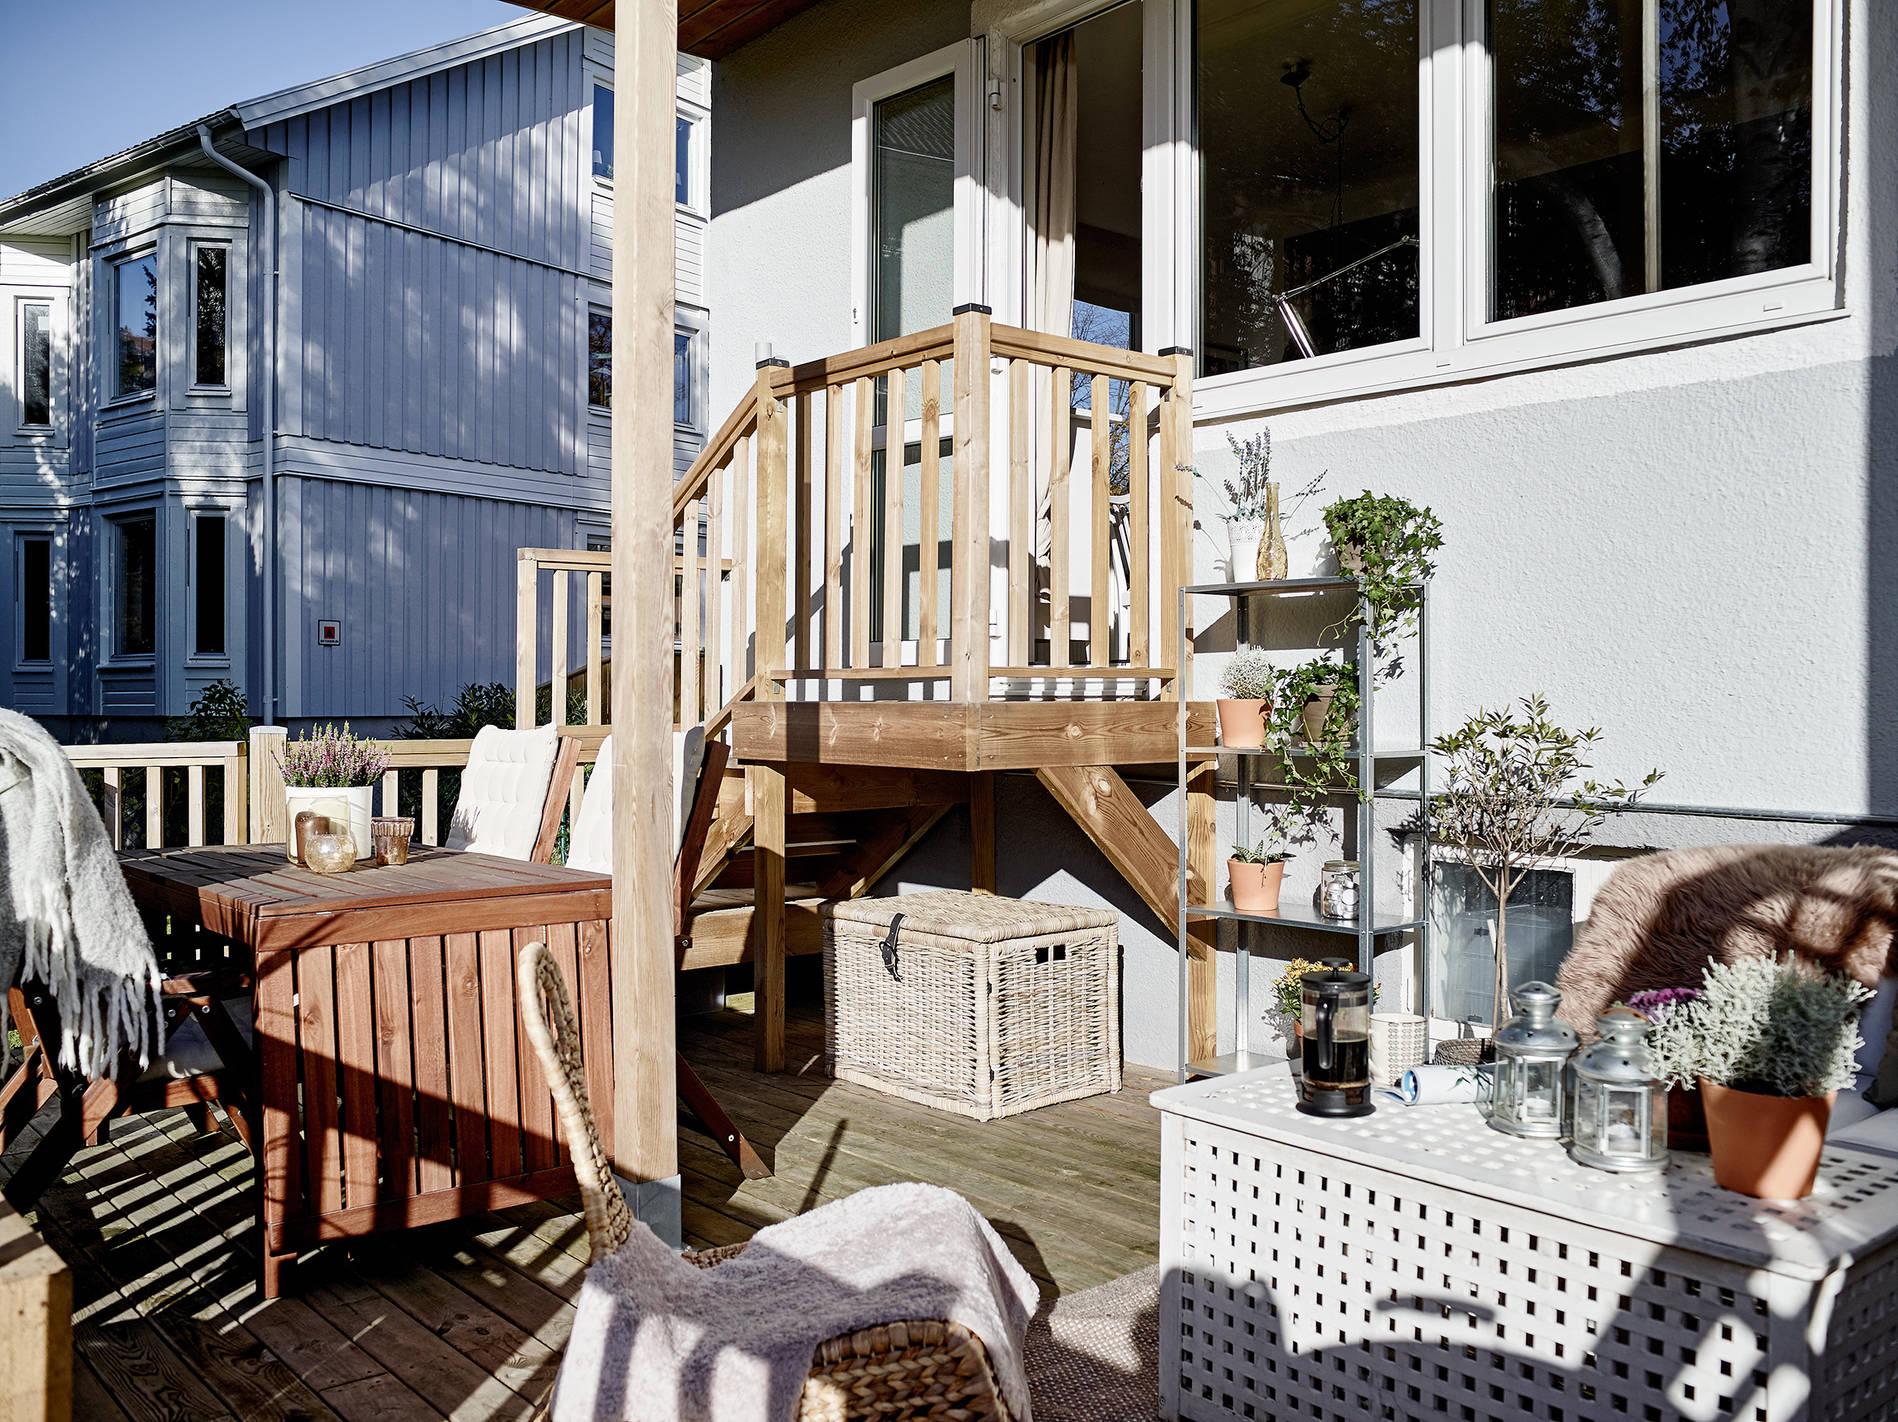 Un primero con terraza blog tienda decoraci n estilo for Terrazas pisos decoracion